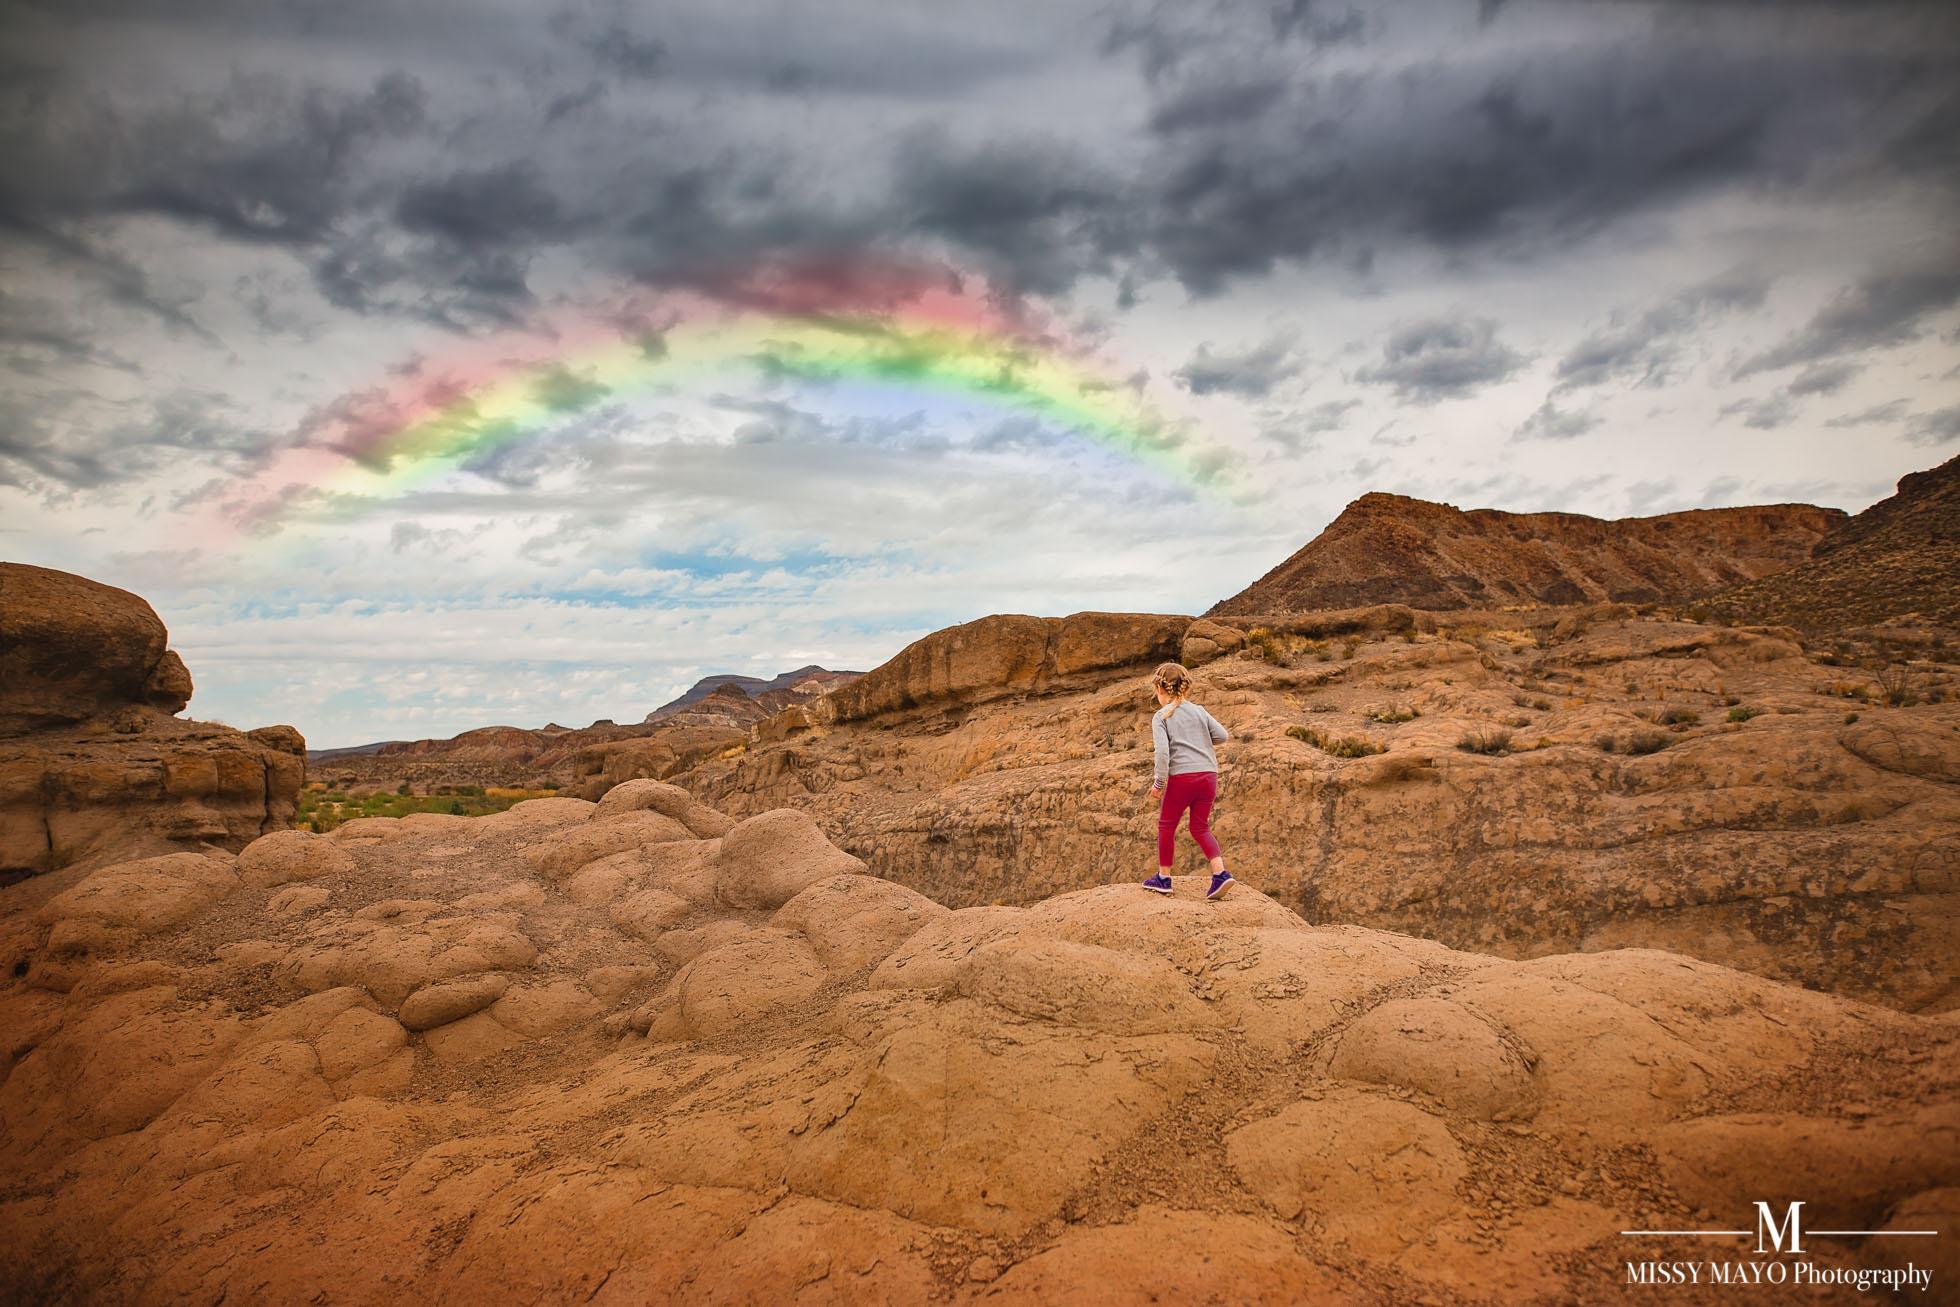 little girl running on rocky mountains towards a rainbow